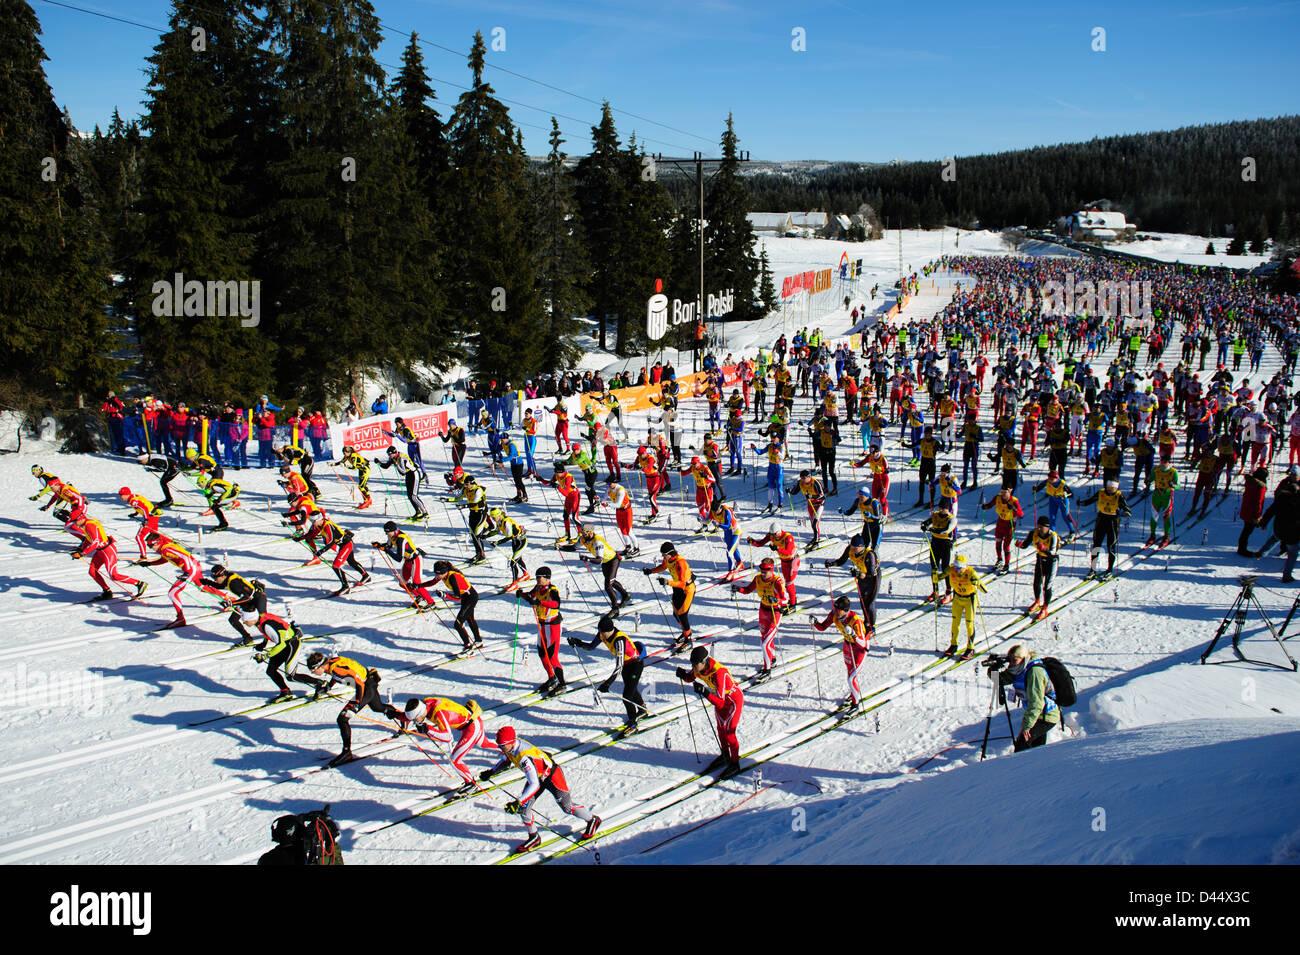 Vue du grand nombre de participants de l'Bieg Piastow cross-country, Jakuszyce, Pologne. Banque D'Images